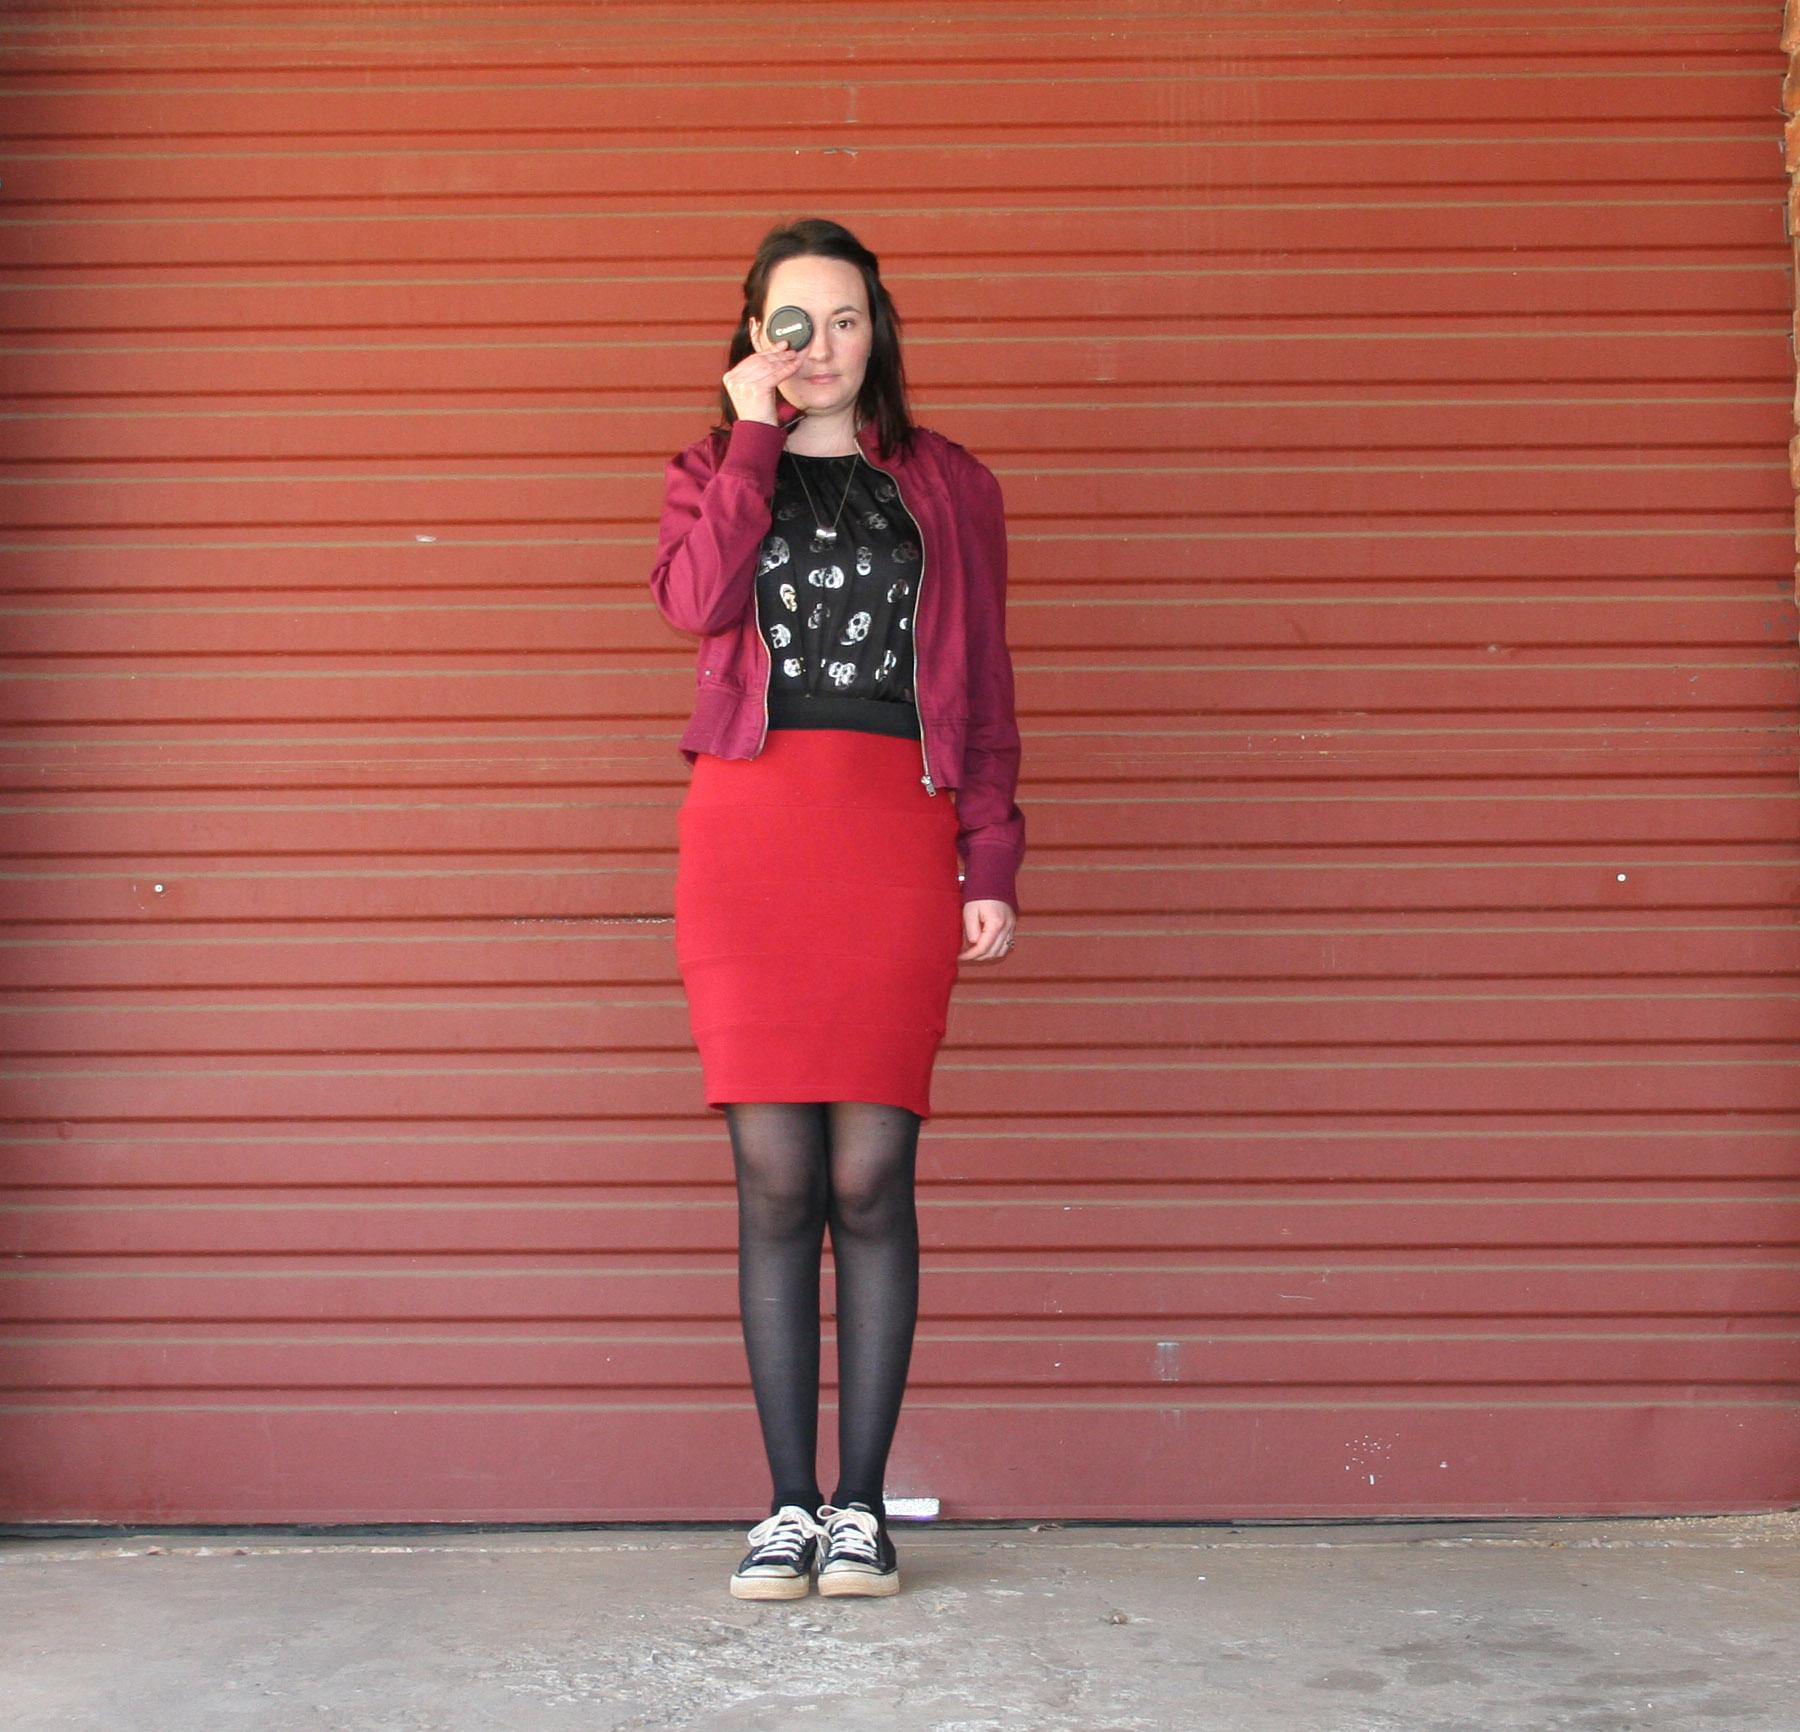 skulls, dress, red, skirt, magenta, jacket, converse